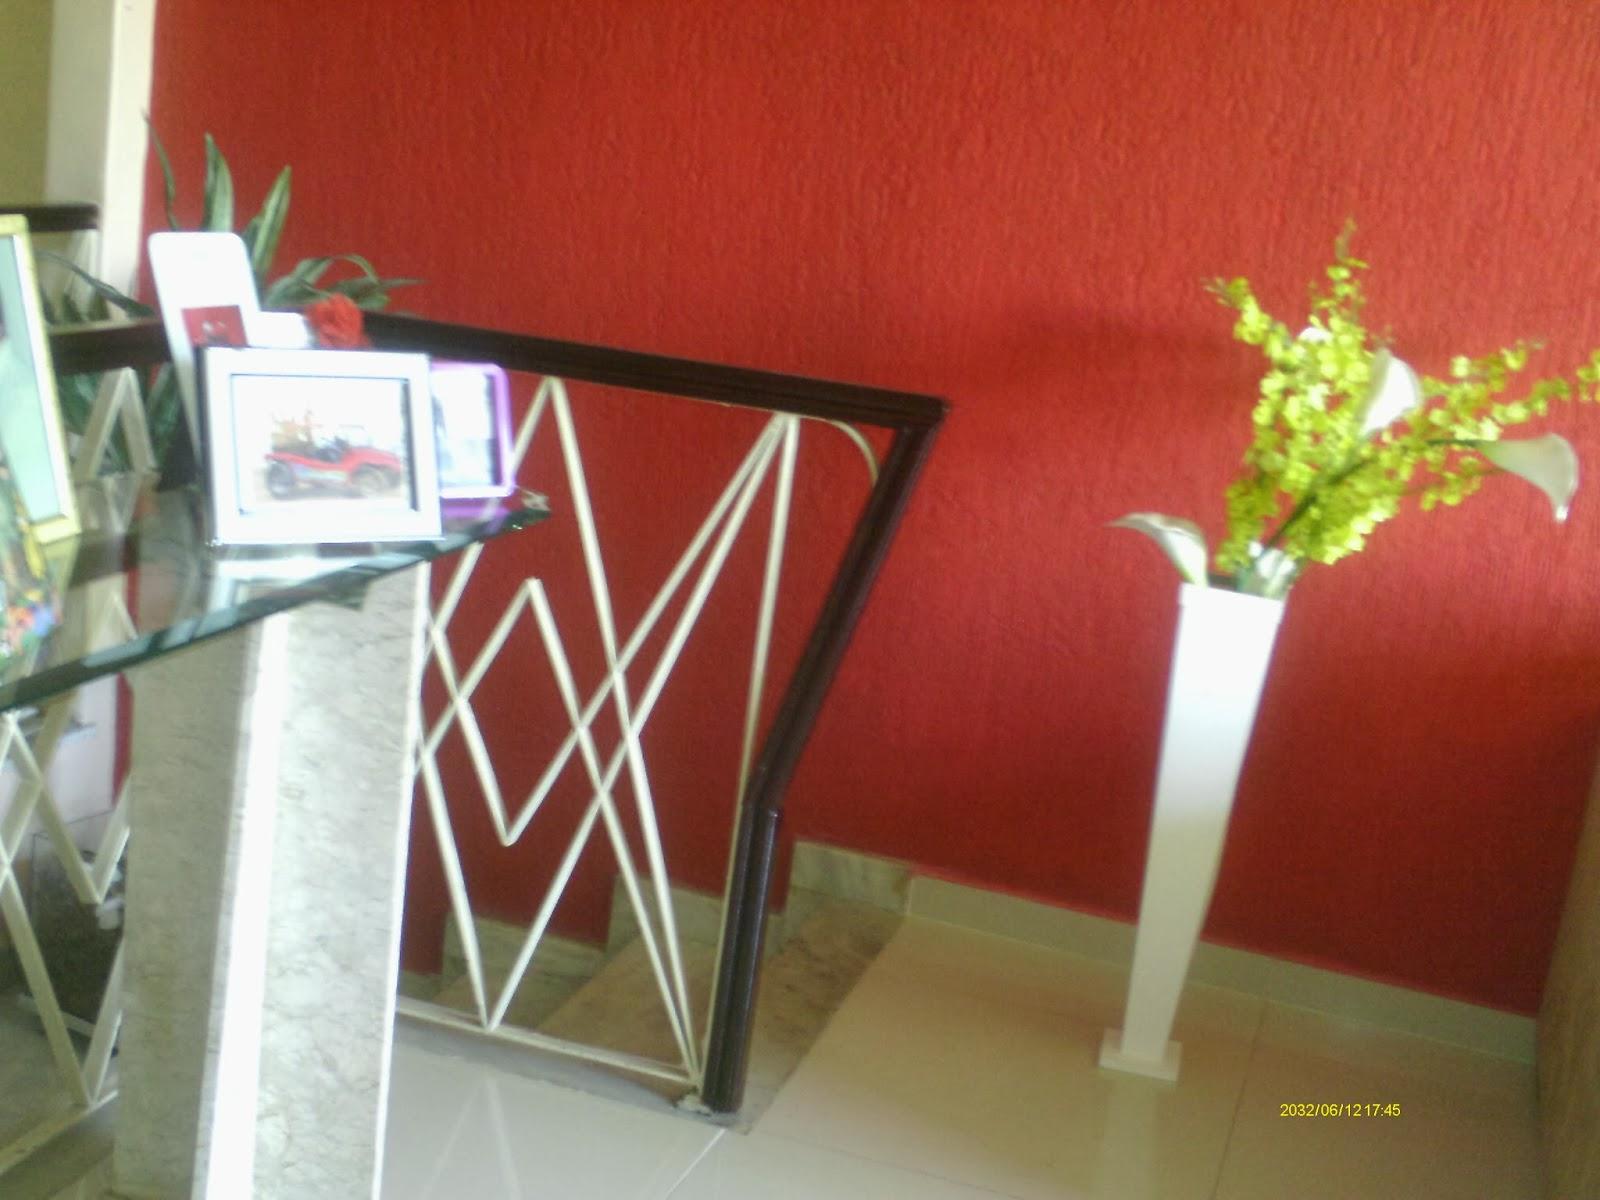 Imagens de #882E21 Casa Cocotá Ilha do Governador Avelino Freire Imóveis 1600x1200 px 2886 Box Banheiro Ilha Do Governador